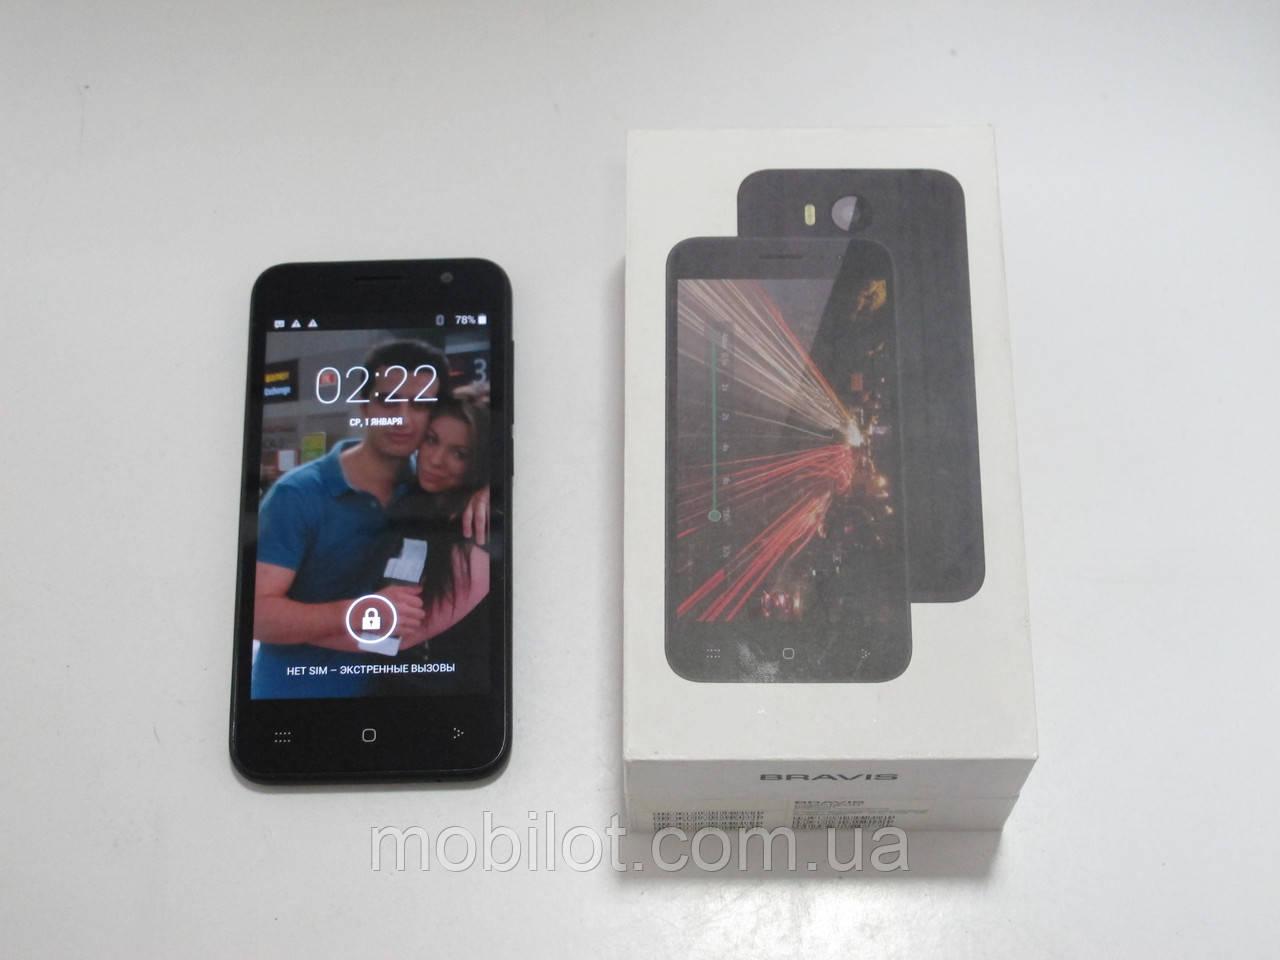 Мобильный телефон Bravis Hit (TZ-4395)